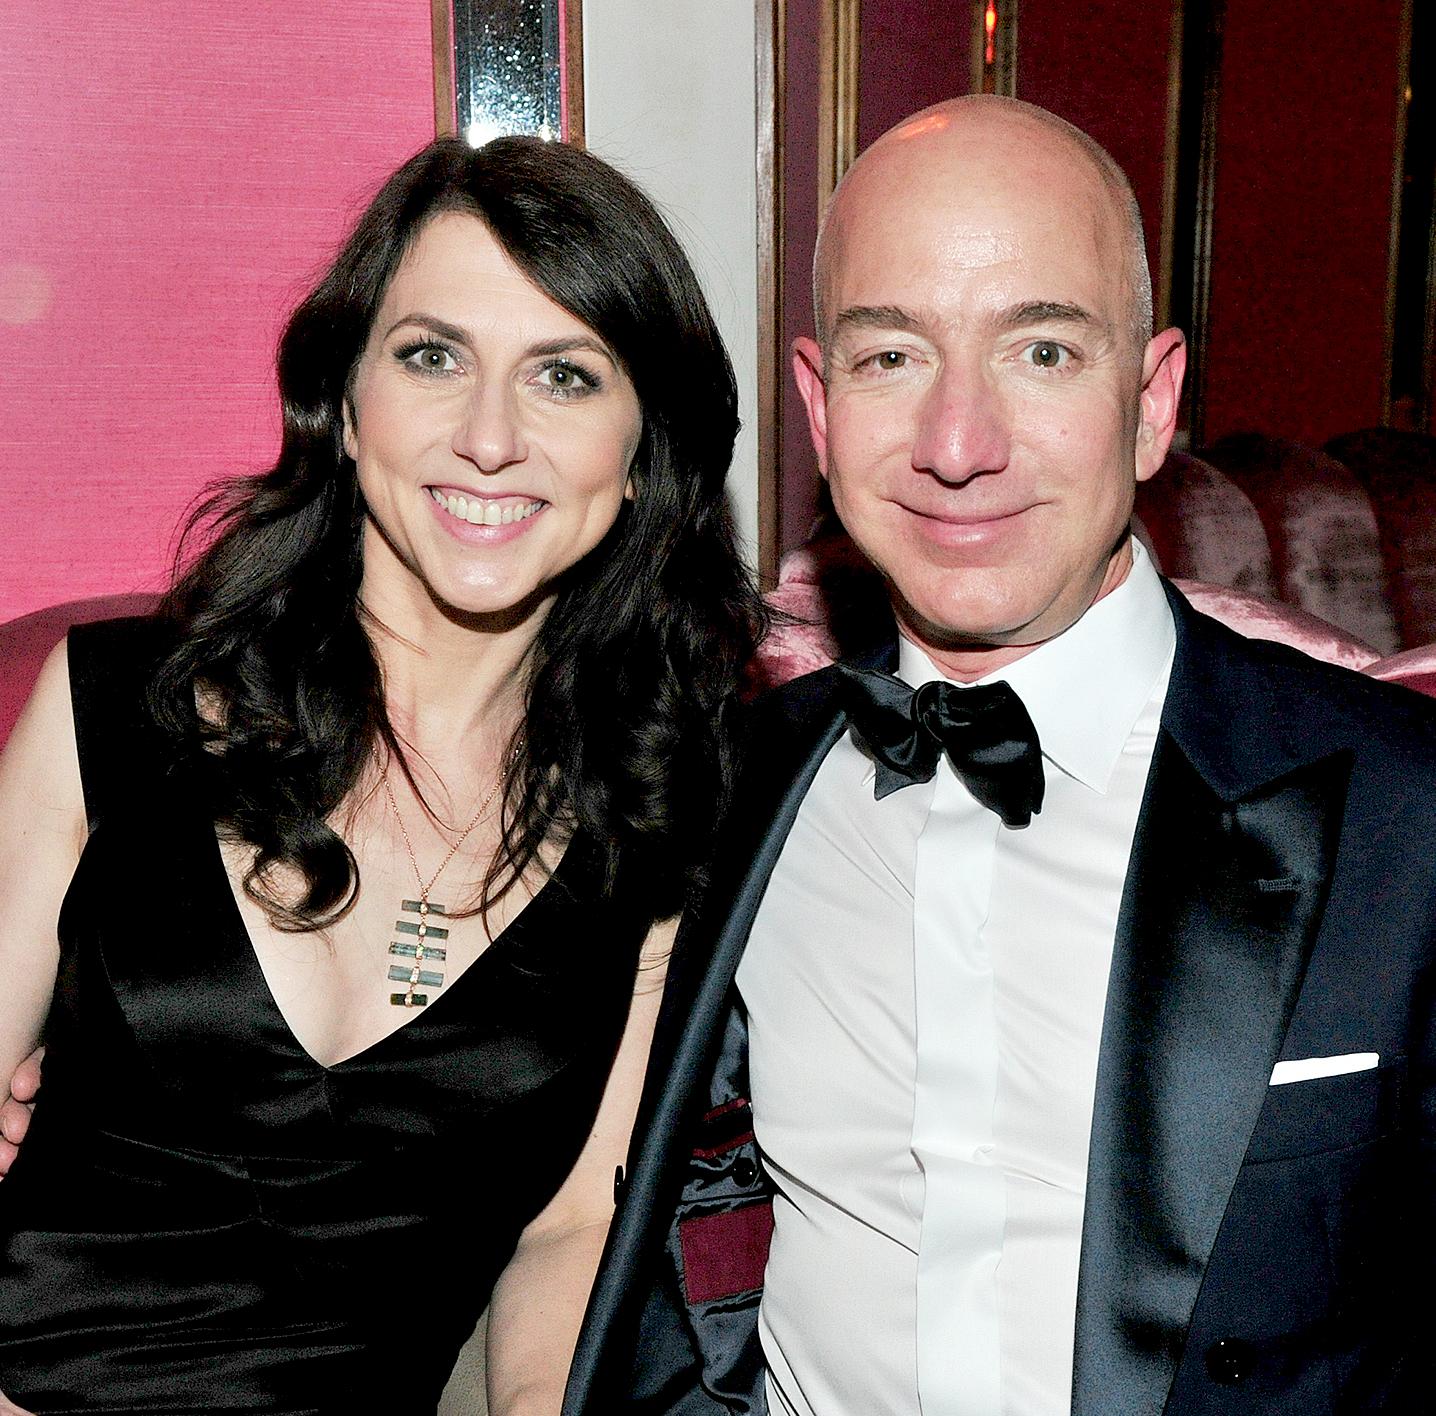 Orang Terkaya Dunia, Jeff Bezos, Cerai Setelah Ketahuan Selingkuh